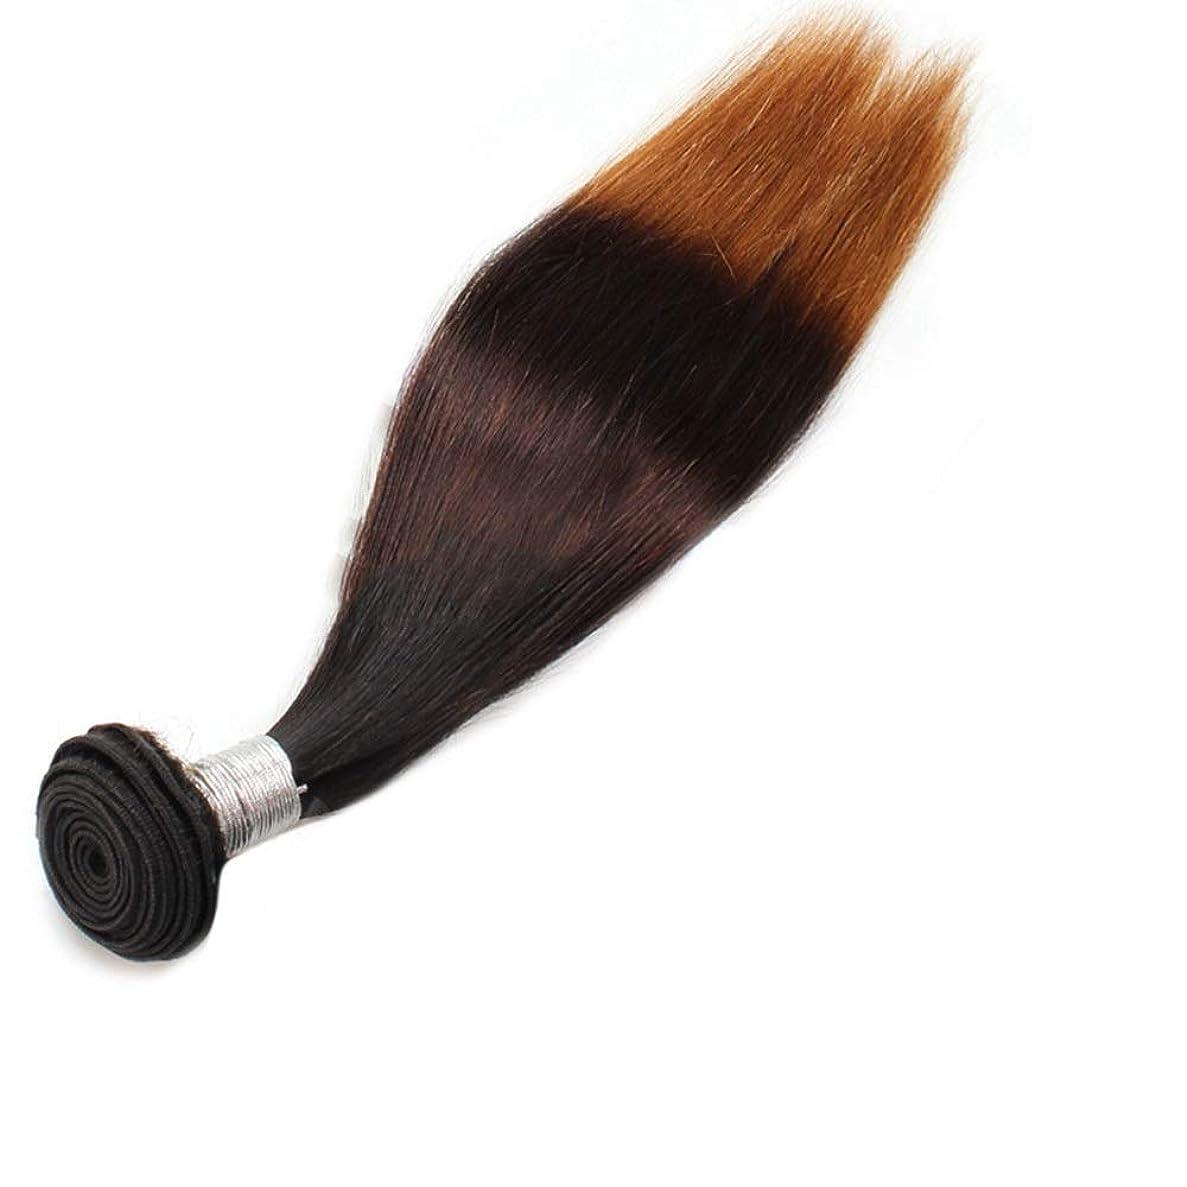 診断する会う合法WASAIO クロージャー本体の拡張3トーンカラーで、ブラジルの髪のバンドルカーリー人間ウィーブ (色 : ブラウン, サイズ : 14 inch)